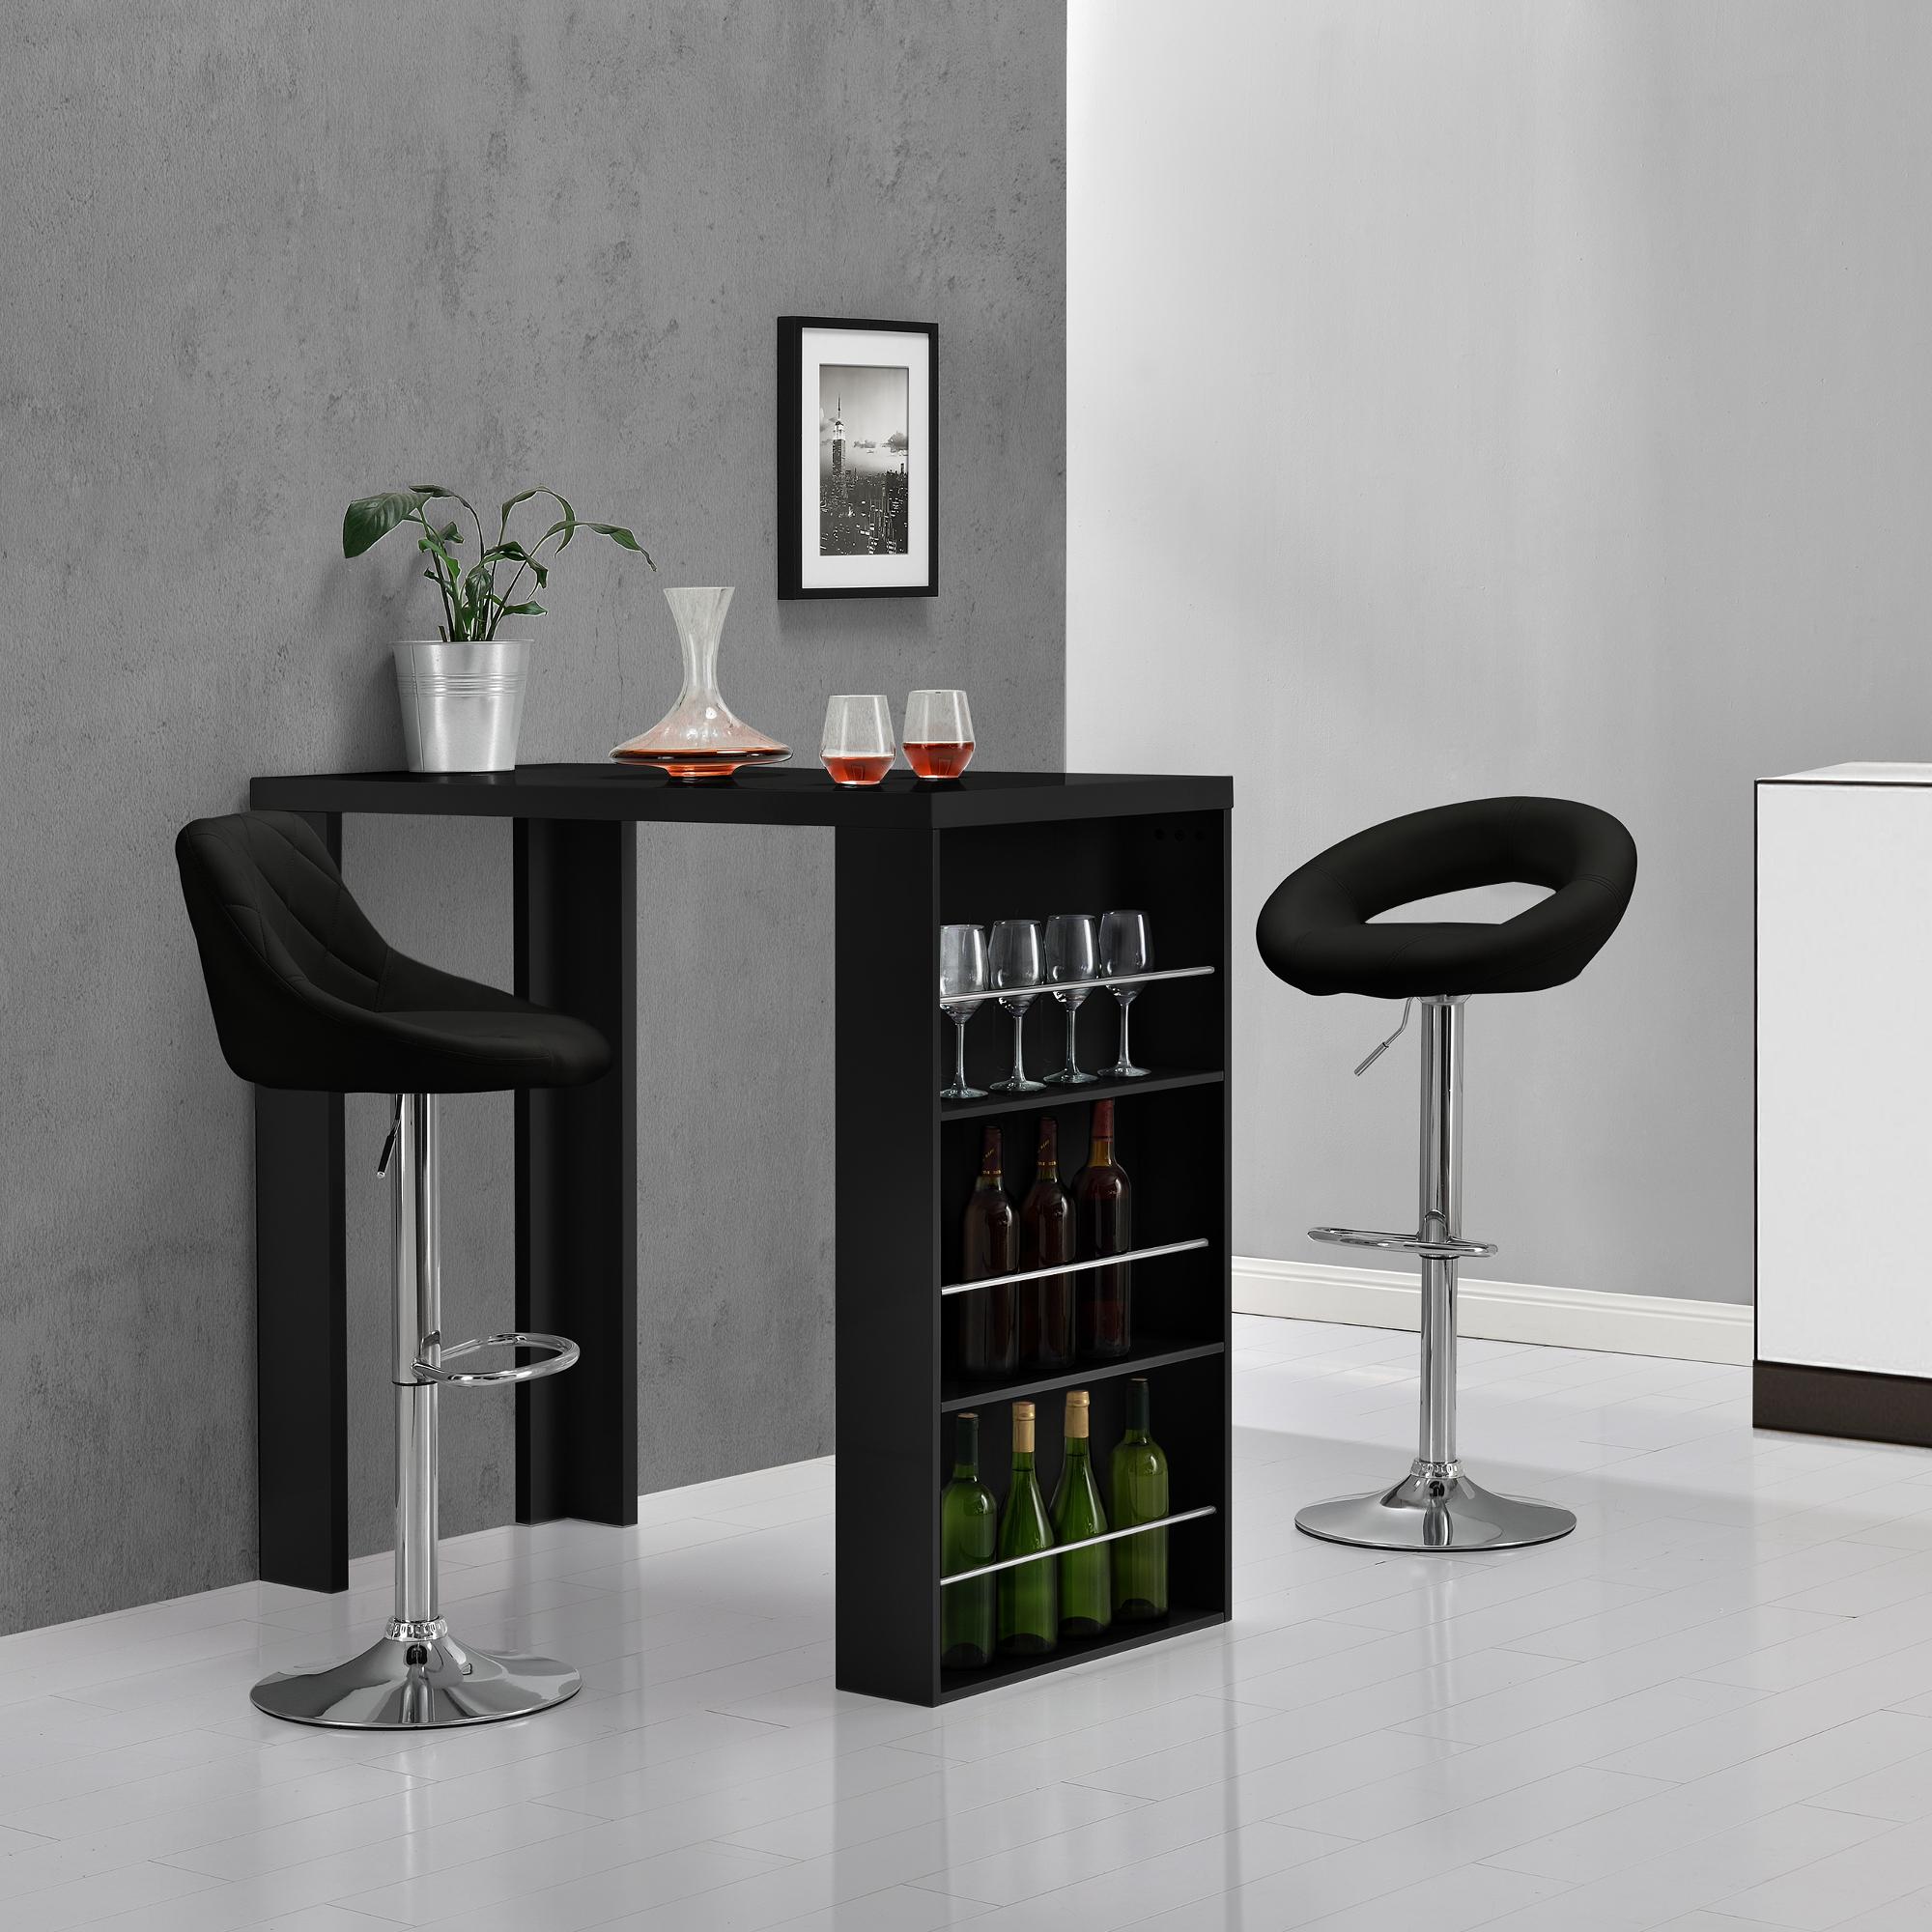 Sgabello bar setx2 rotondo sgabello sedia da bar for Bar und barhocker